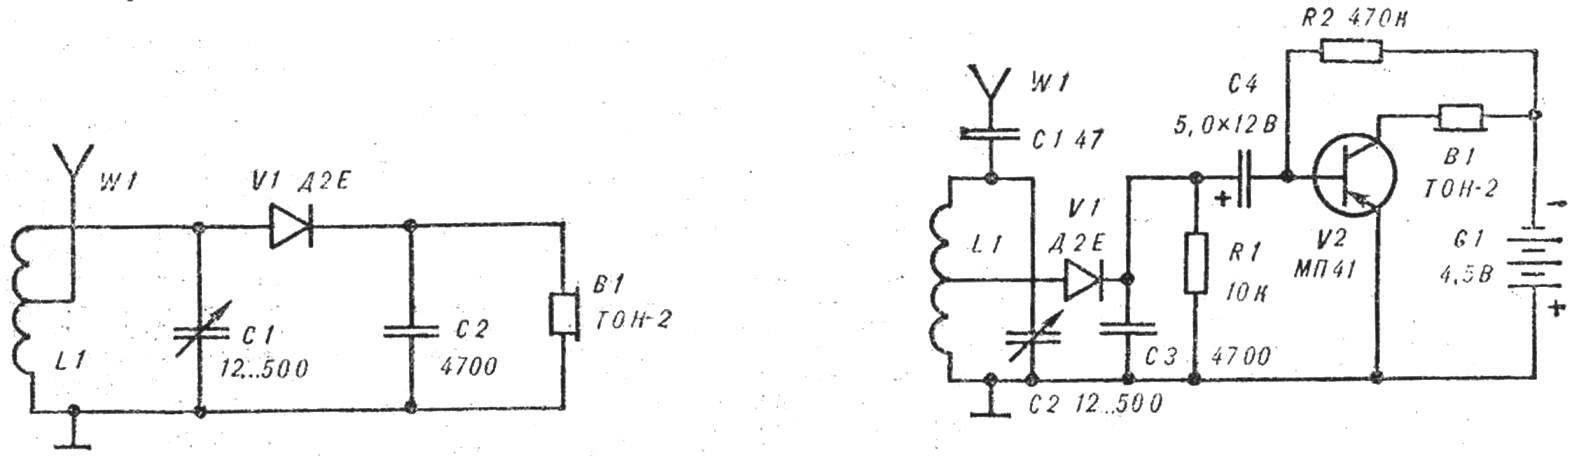 Р и с. 2. Принципиальные схемы детекторного и транзисторного приемников (L1—2X100 = 200 витков провода ПЭЛ 0,31 на каркасе Ø 20 мм).